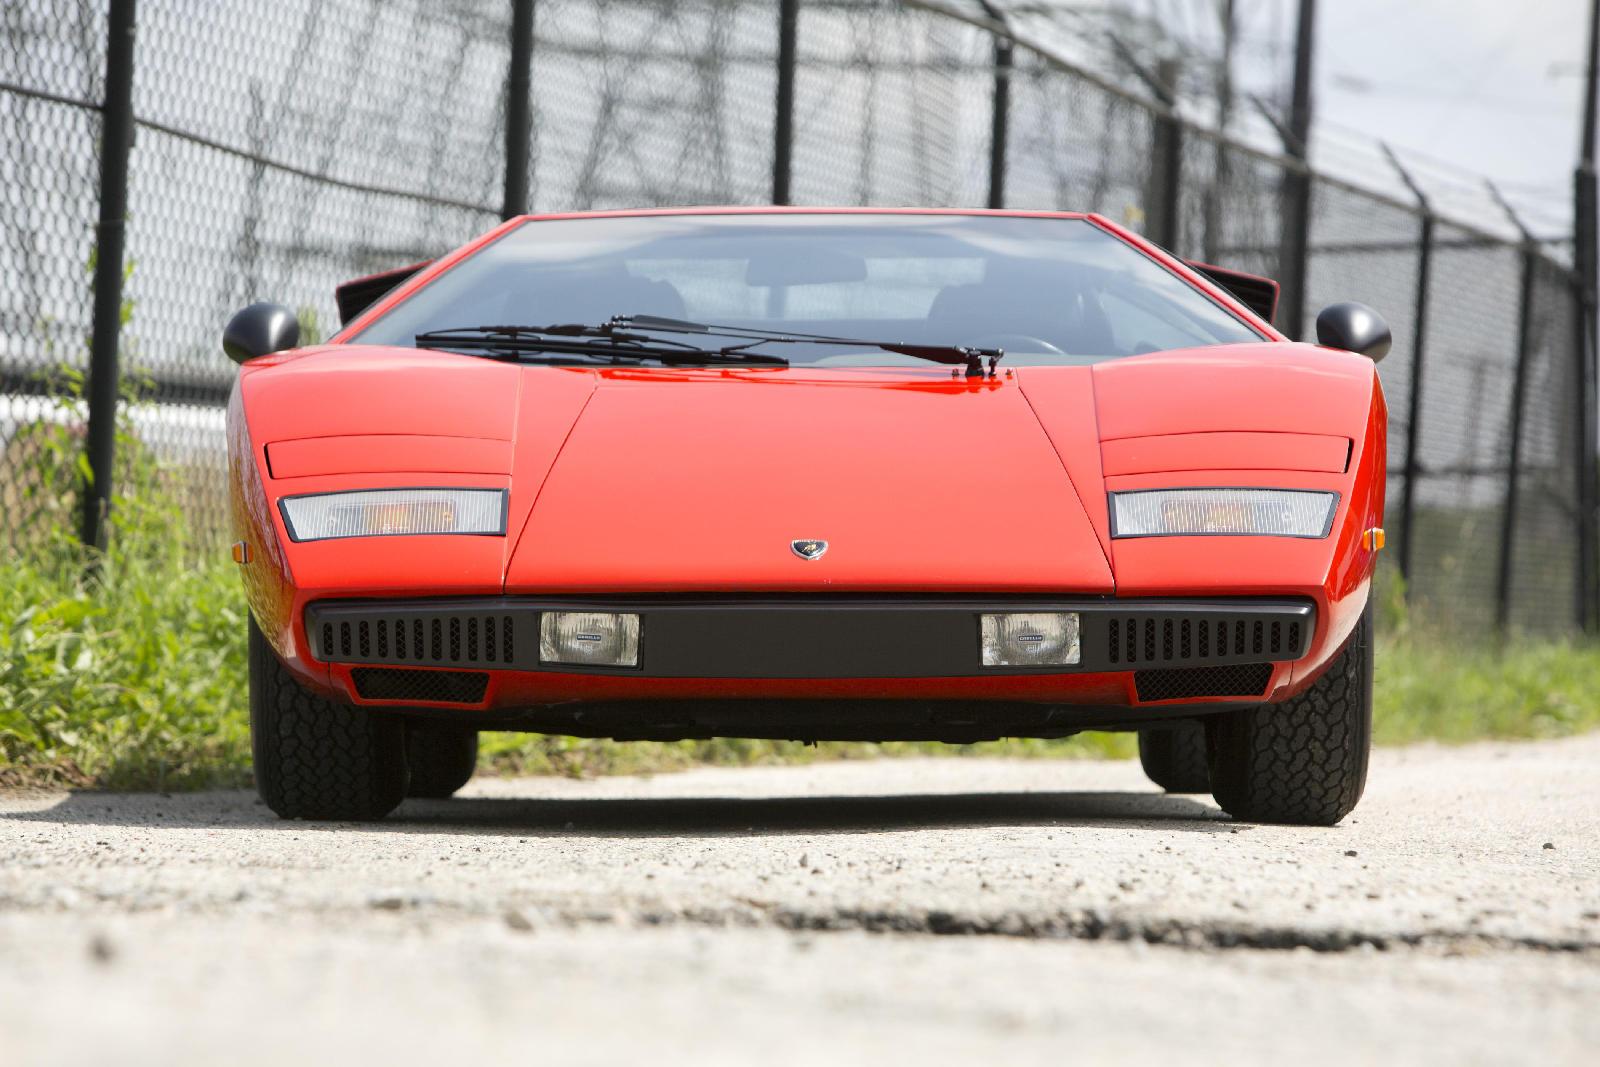 Lamborghini Countach Lp400 Periscopica El Pionero Sale A